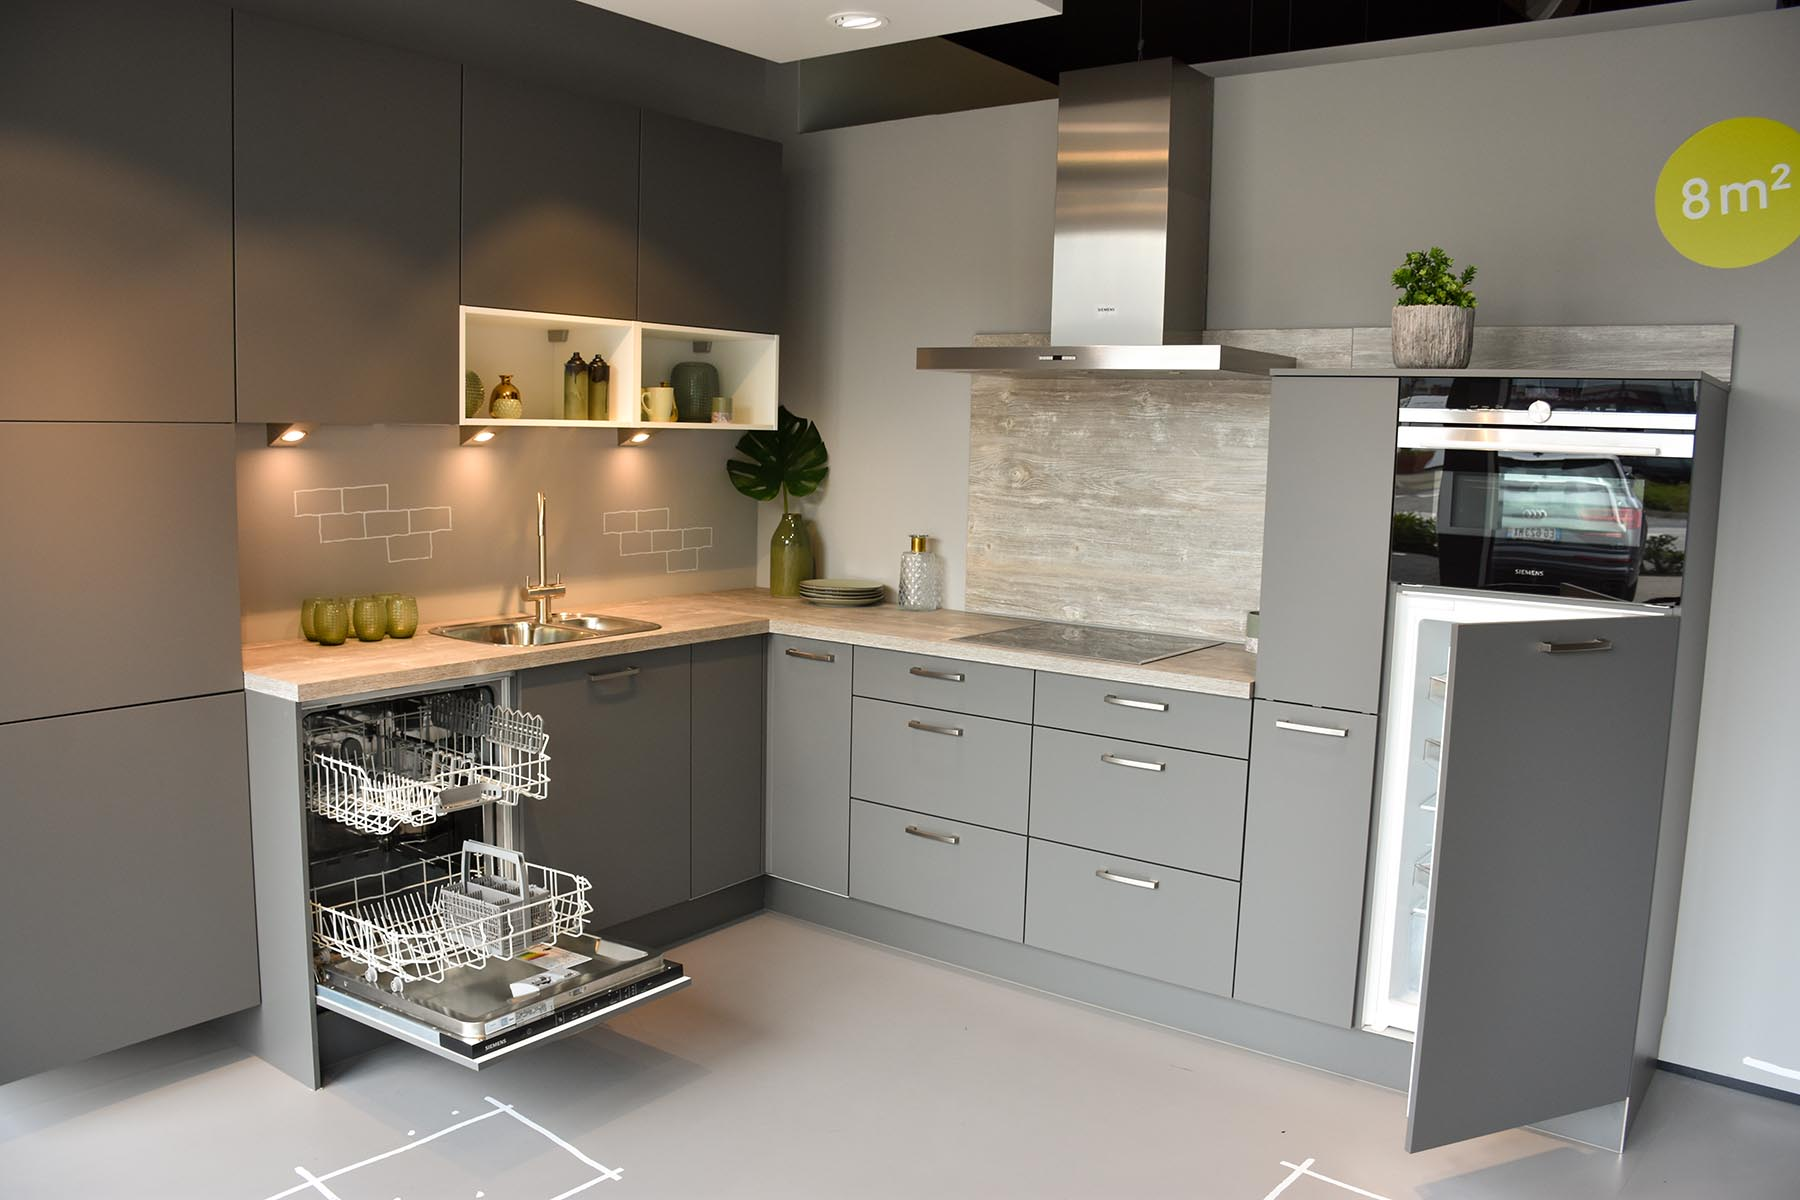 Donker grijze keuken